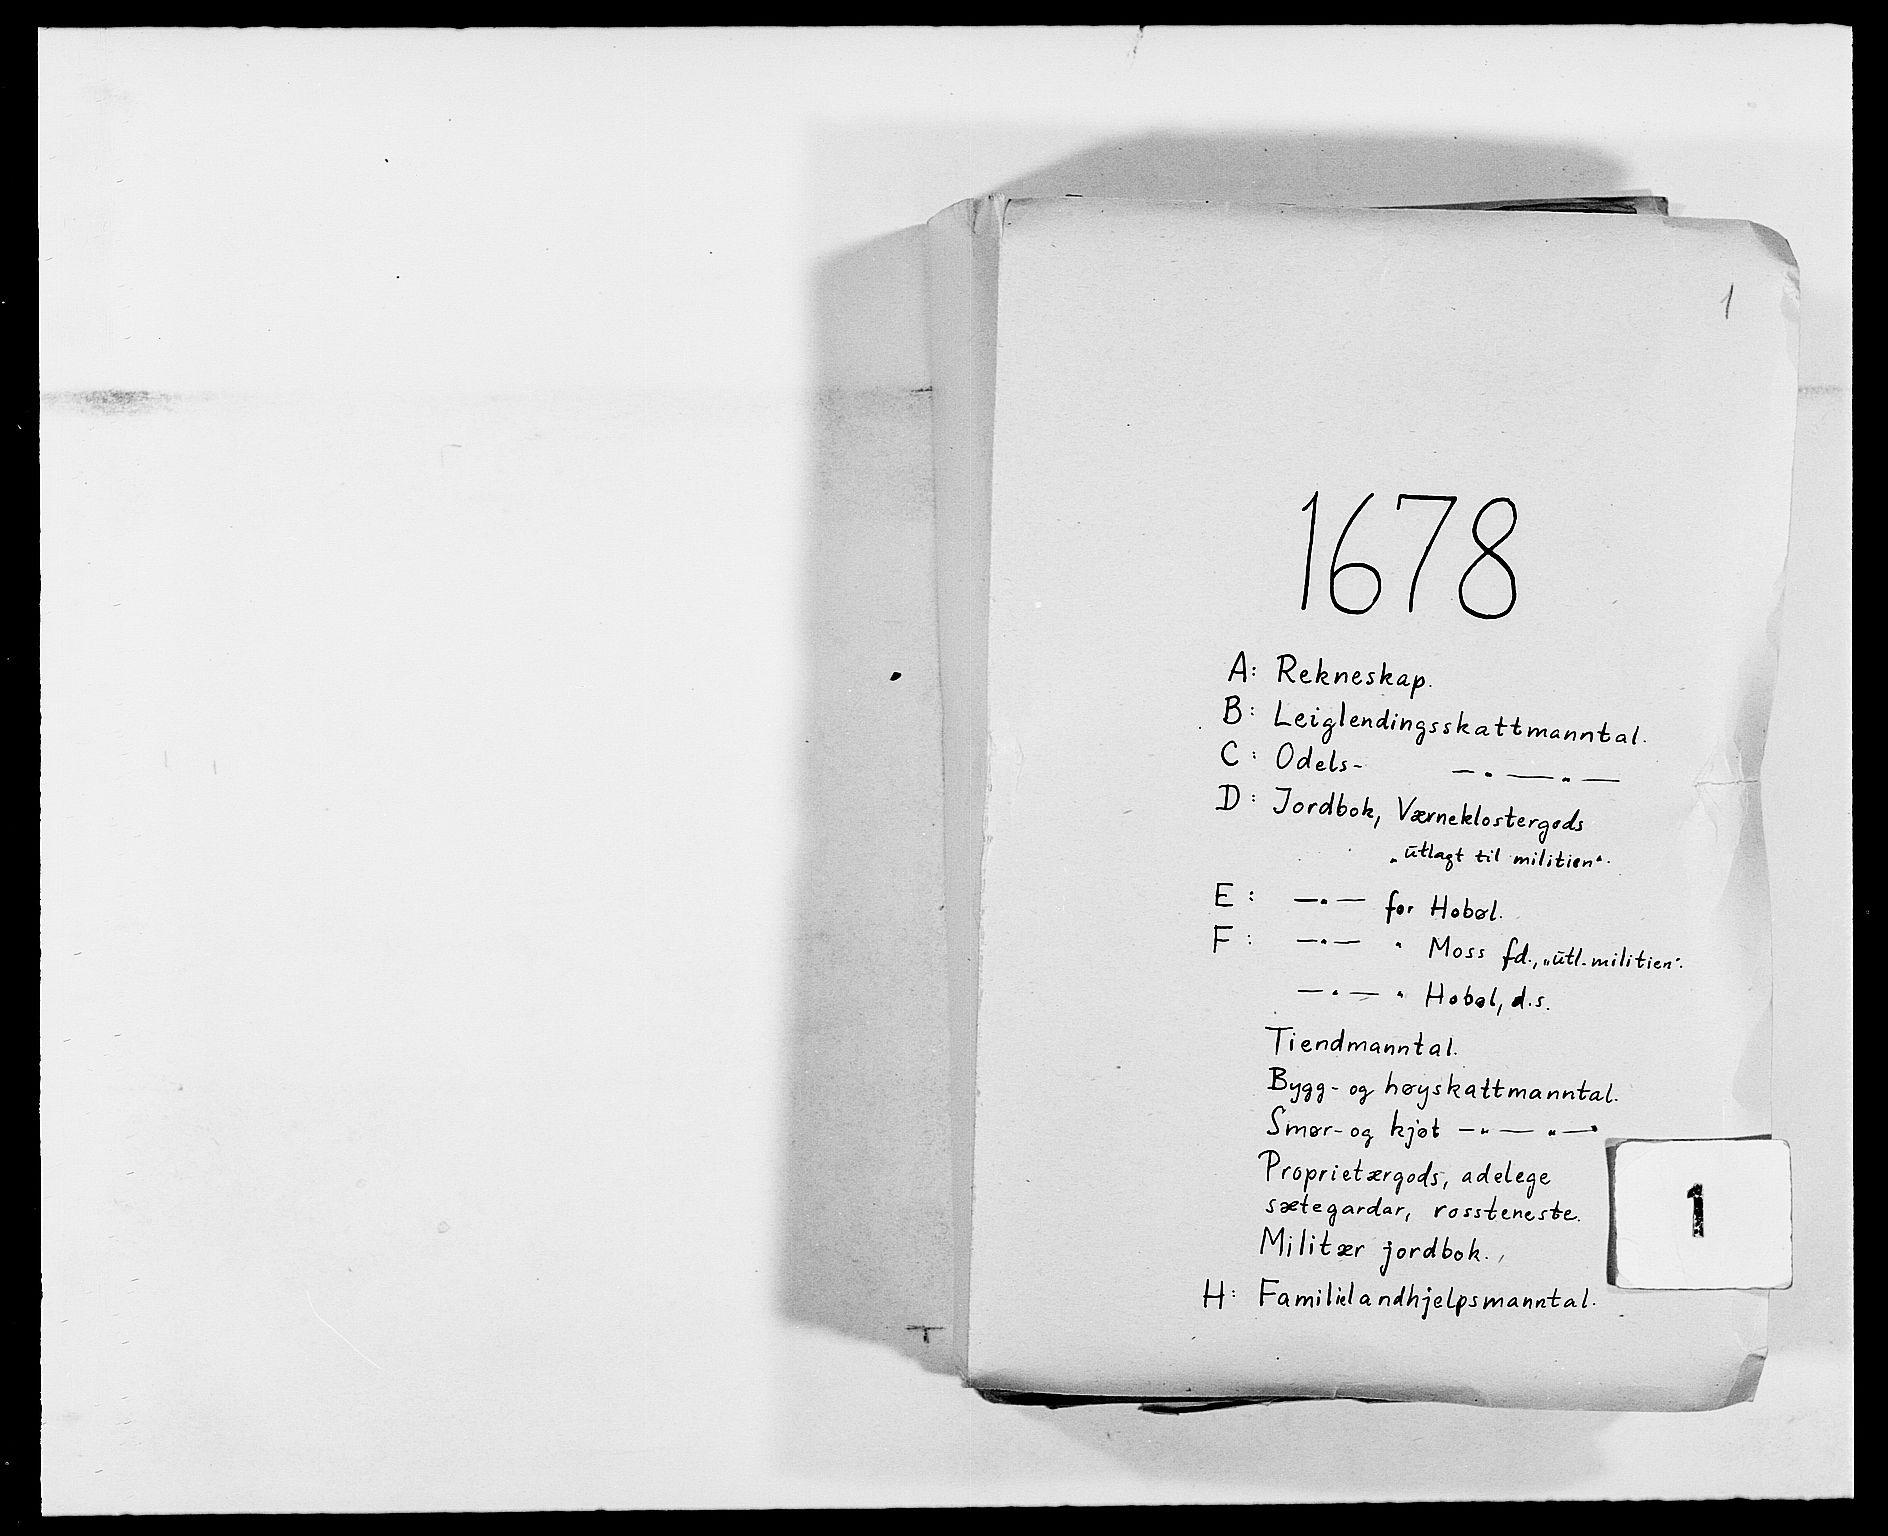 RA, Rentekammeret inntil 1814, Reviderte regnskaper, Fogderegnskap, R02/L0099: Fogderegnskap Moss og Verne kloster, 1678, s. 1